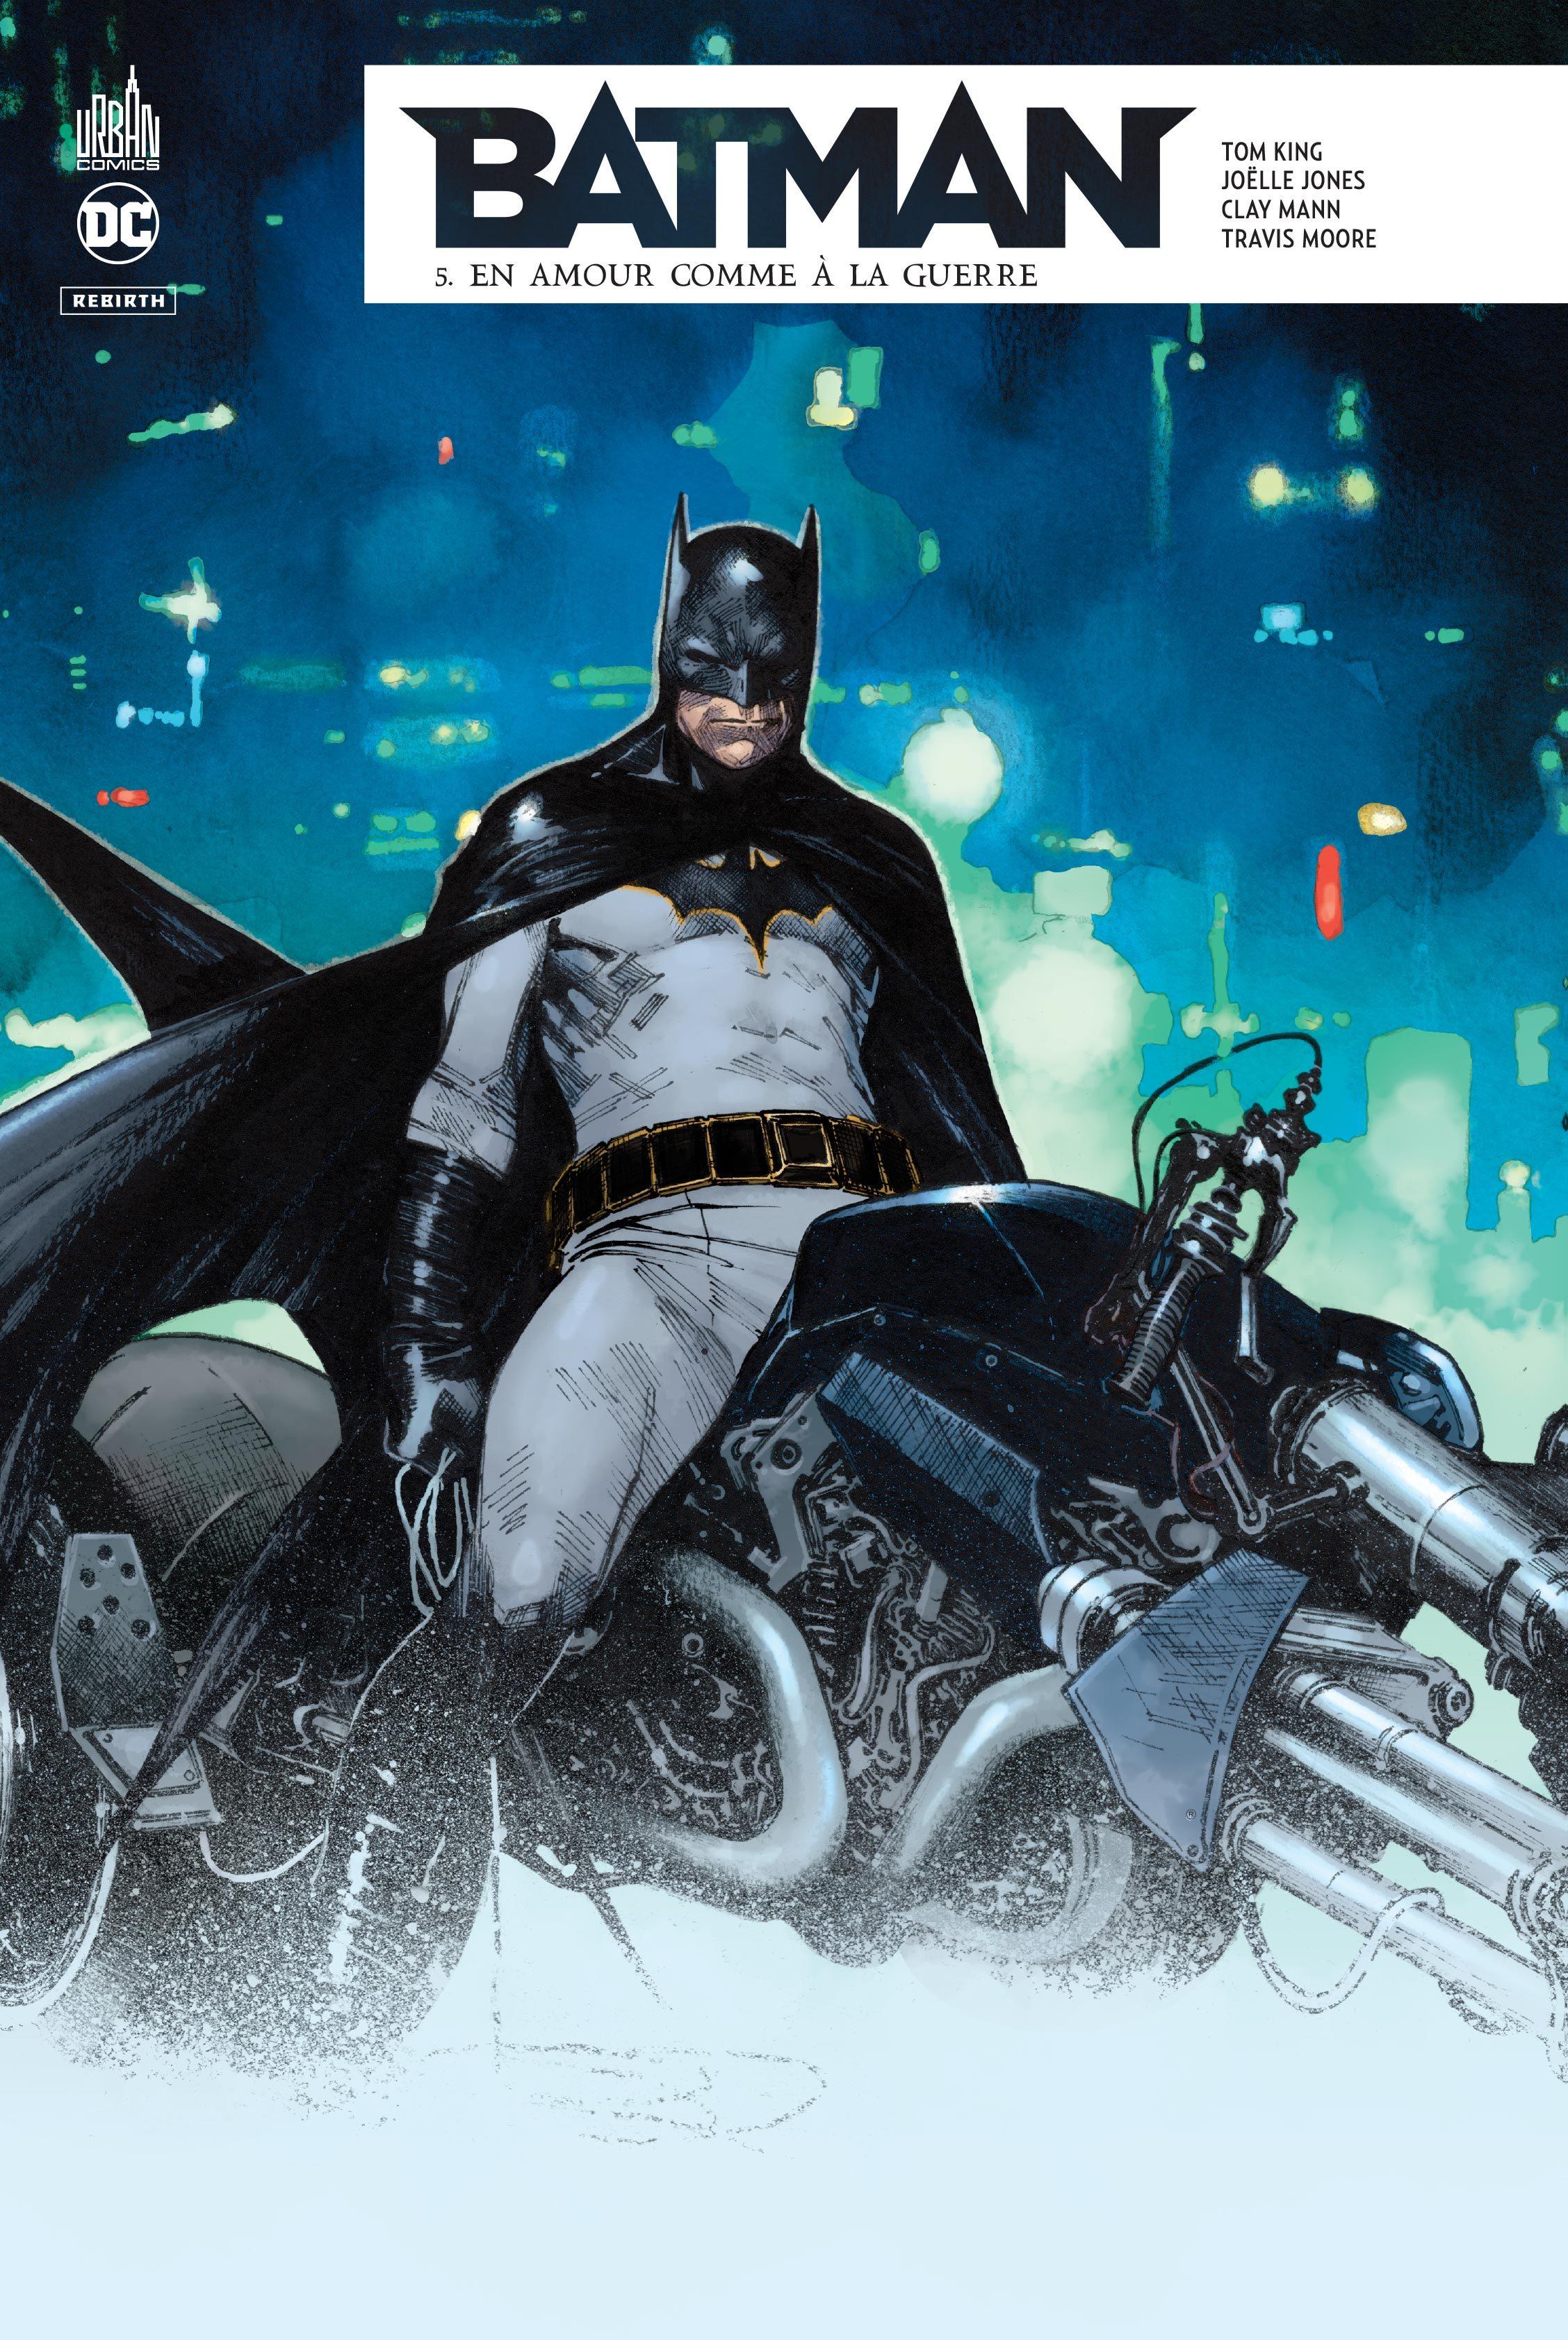 Batman toutes les bandes dessinées noir jamaïcain Teen Porn